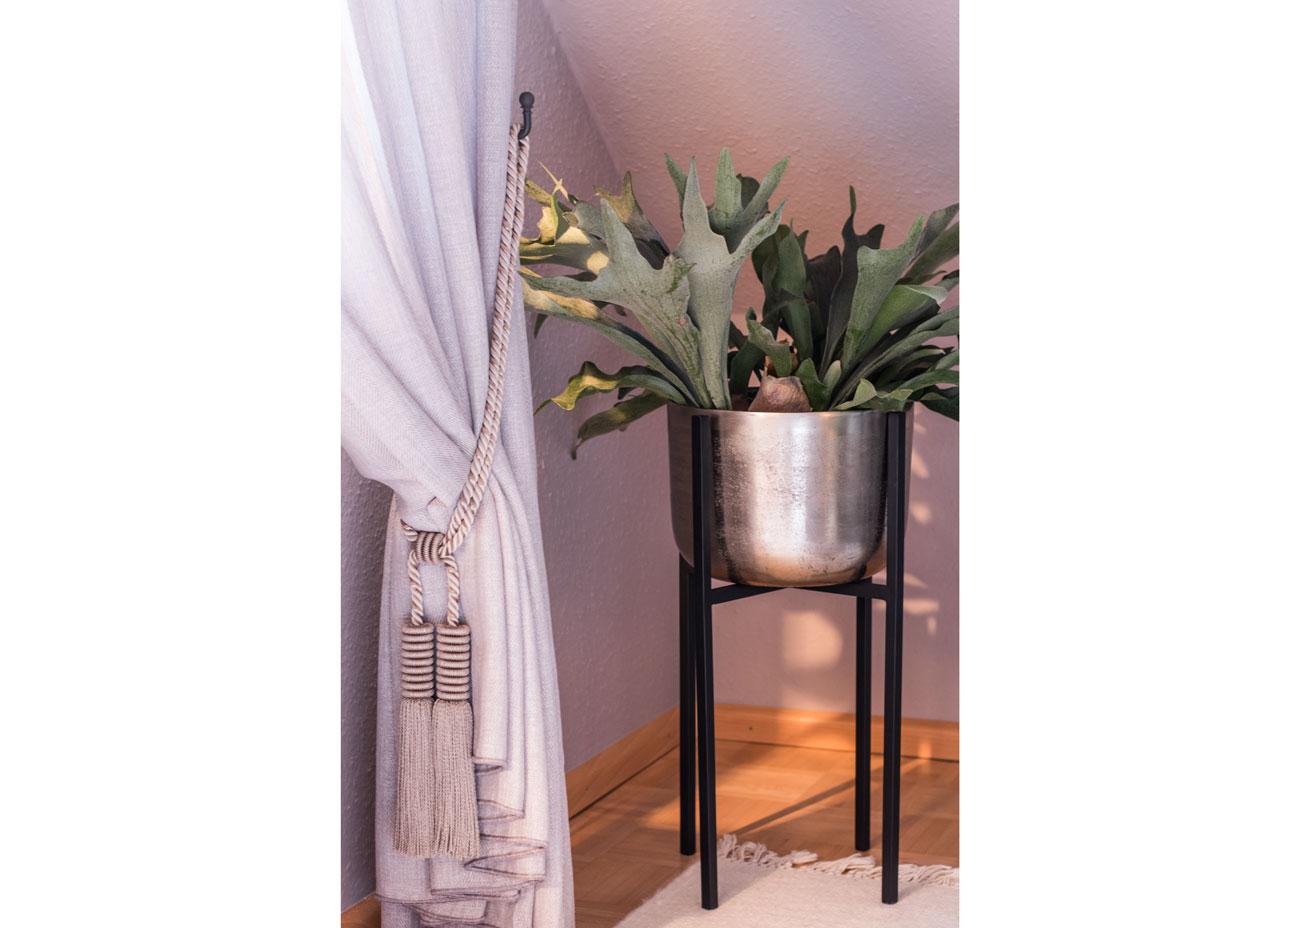 Wohnung renovieren wohnzimmer vorhnag raffhalter pflanztopf silber